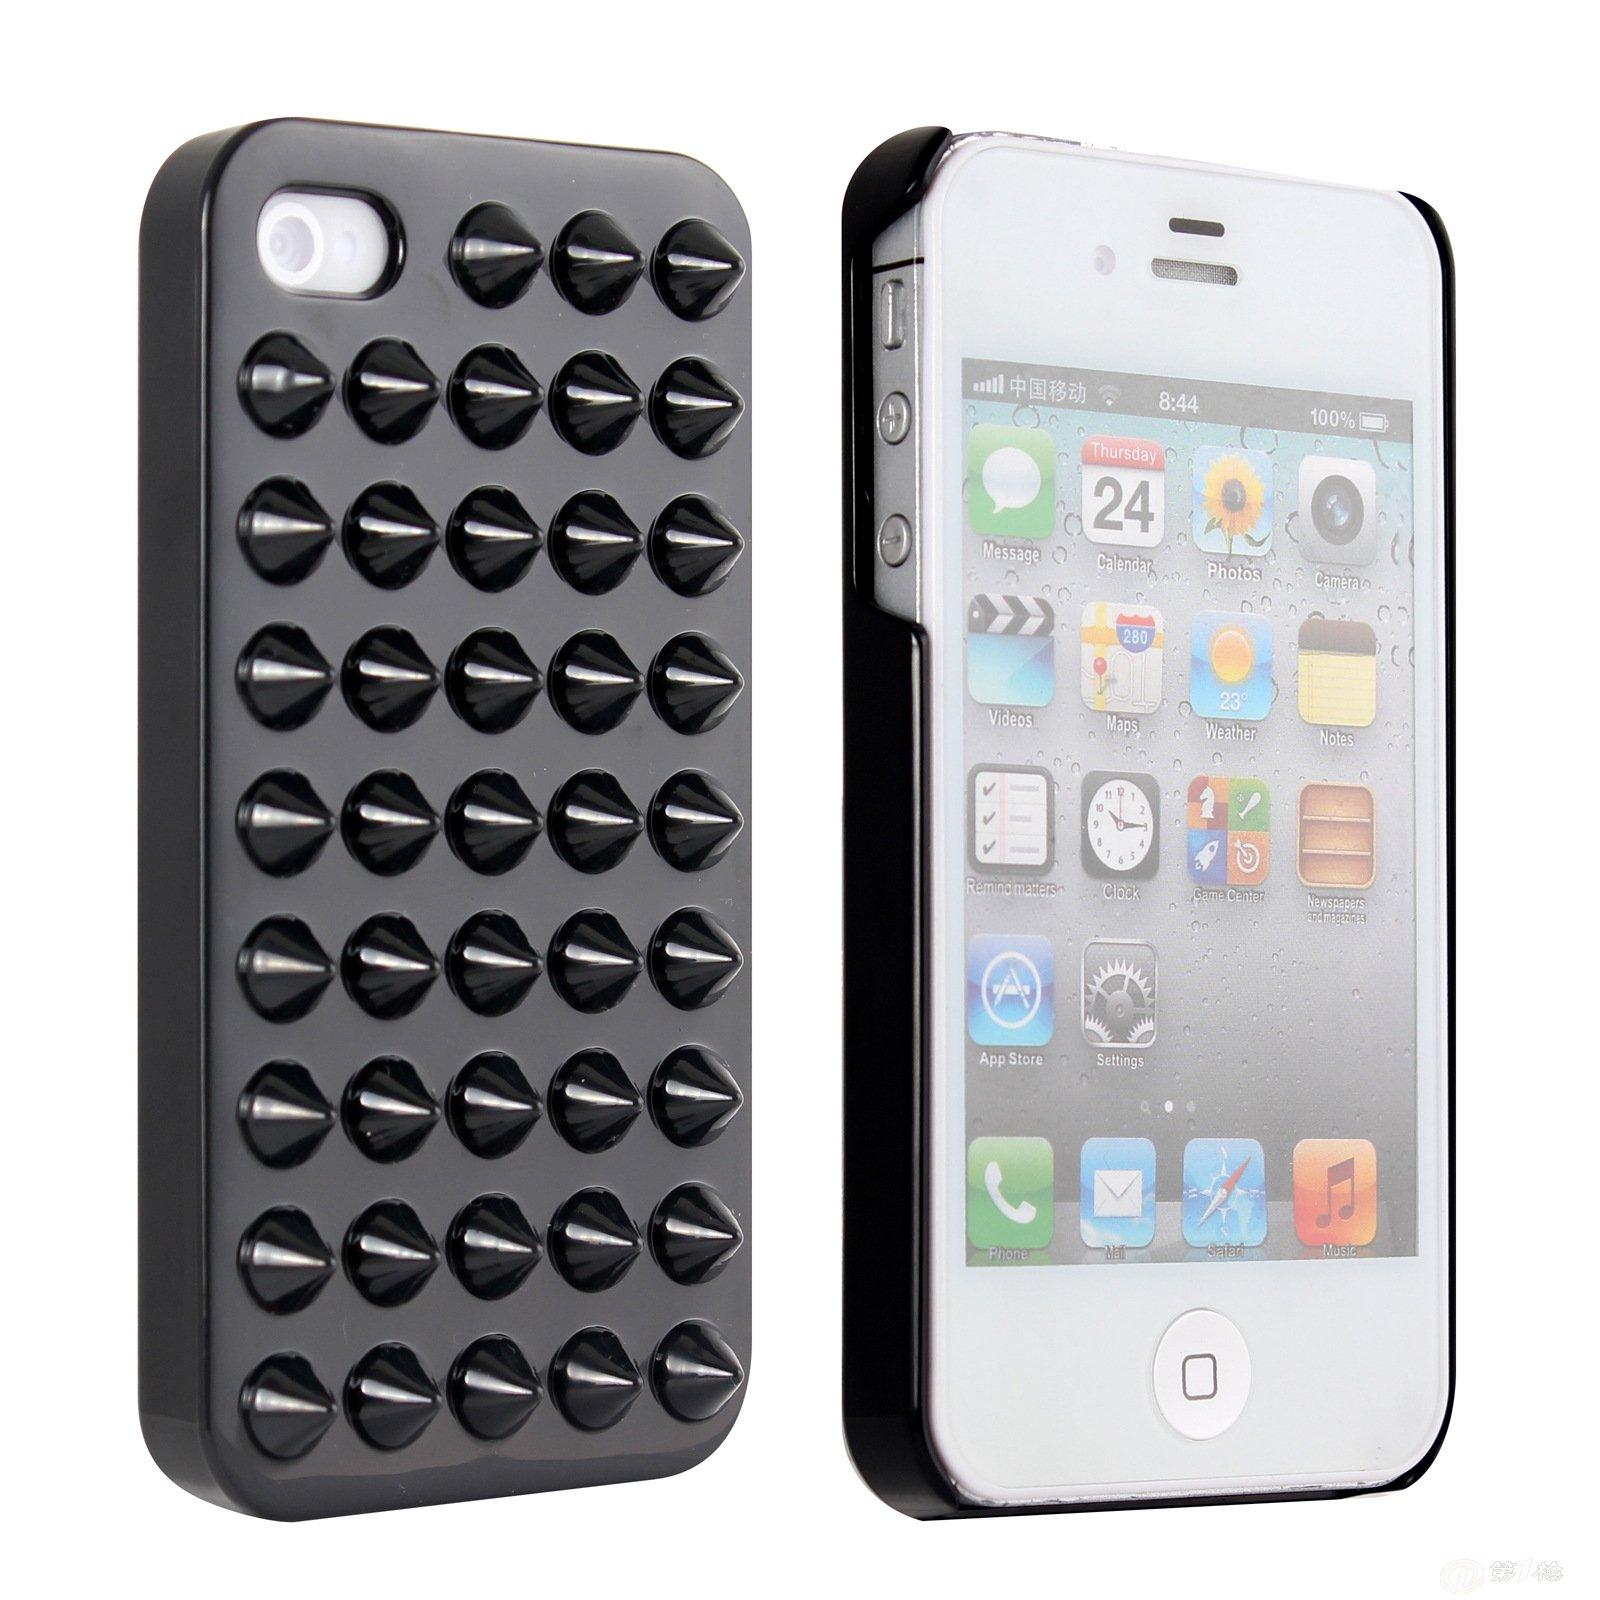 苹果iphone 4s 手机保护壳 punk style candy color case